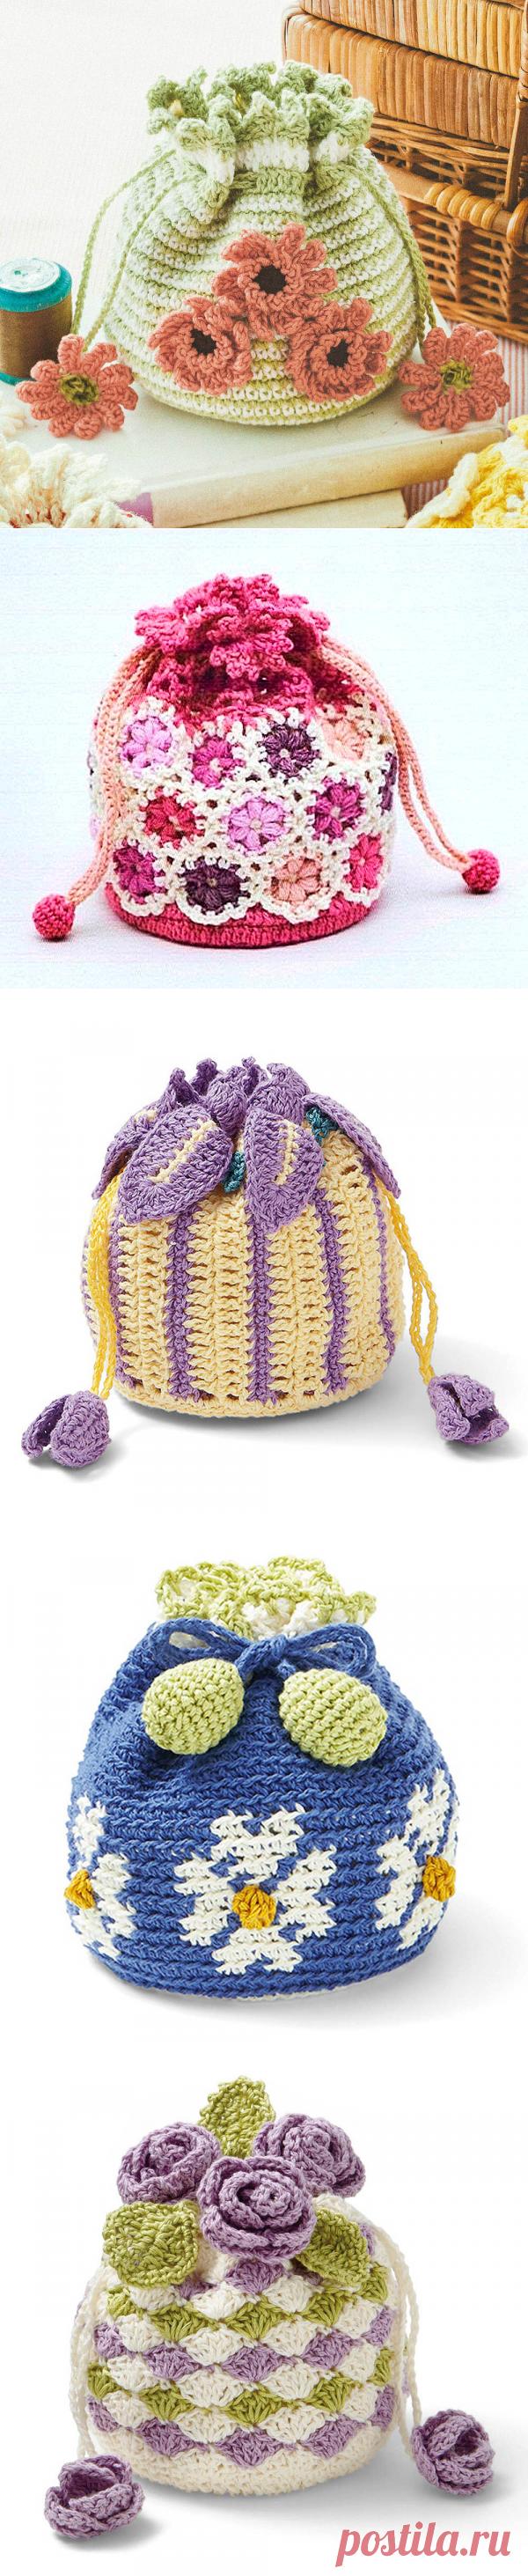 Цветочные мешочки крючком. Идеи, схема. | HandMadeObzor | Яндекс Дзен